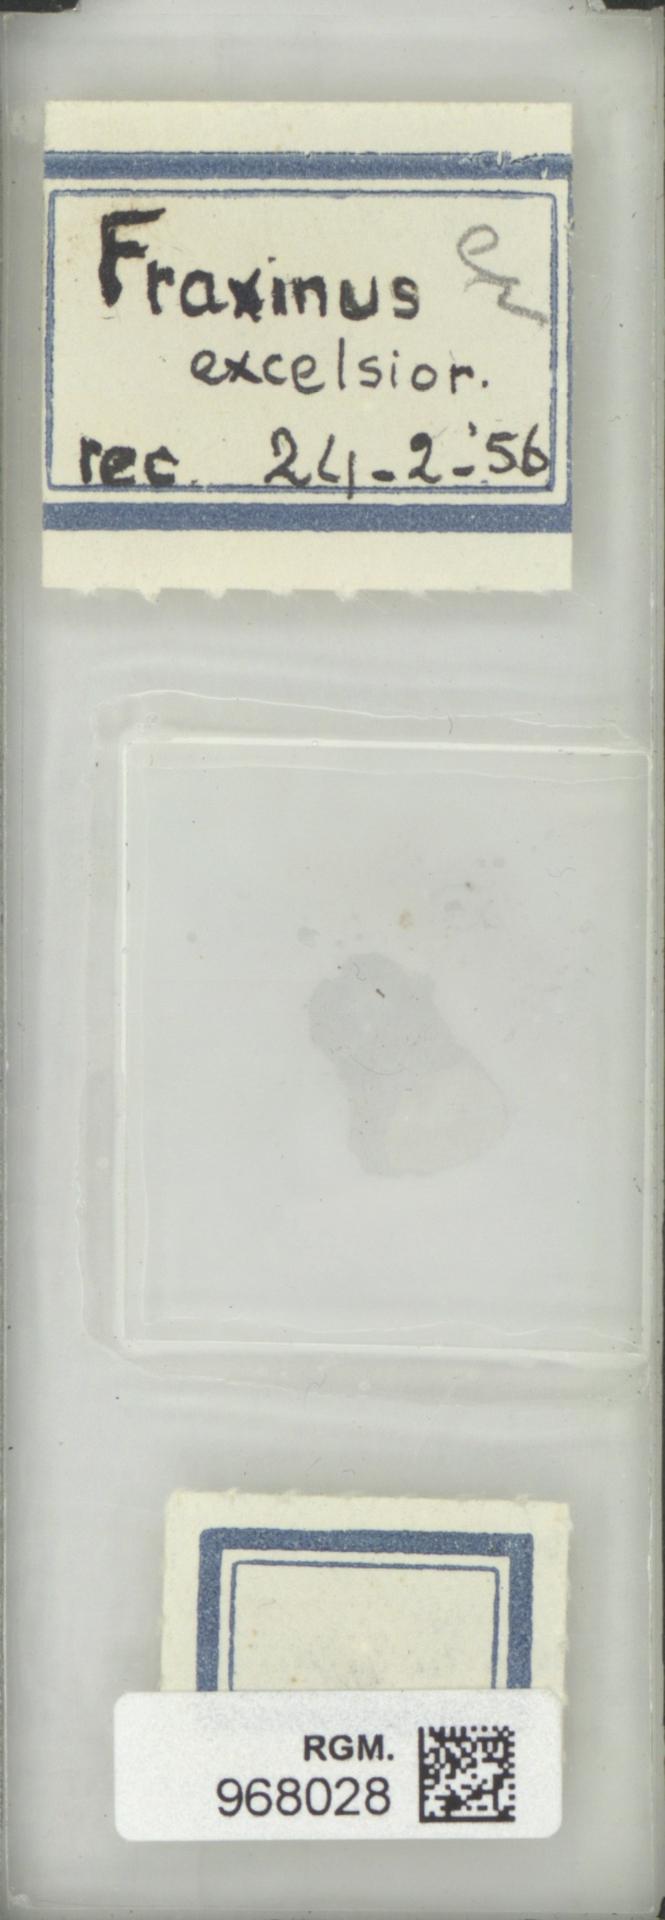 RGM.968028 | Fraxinus excelsior